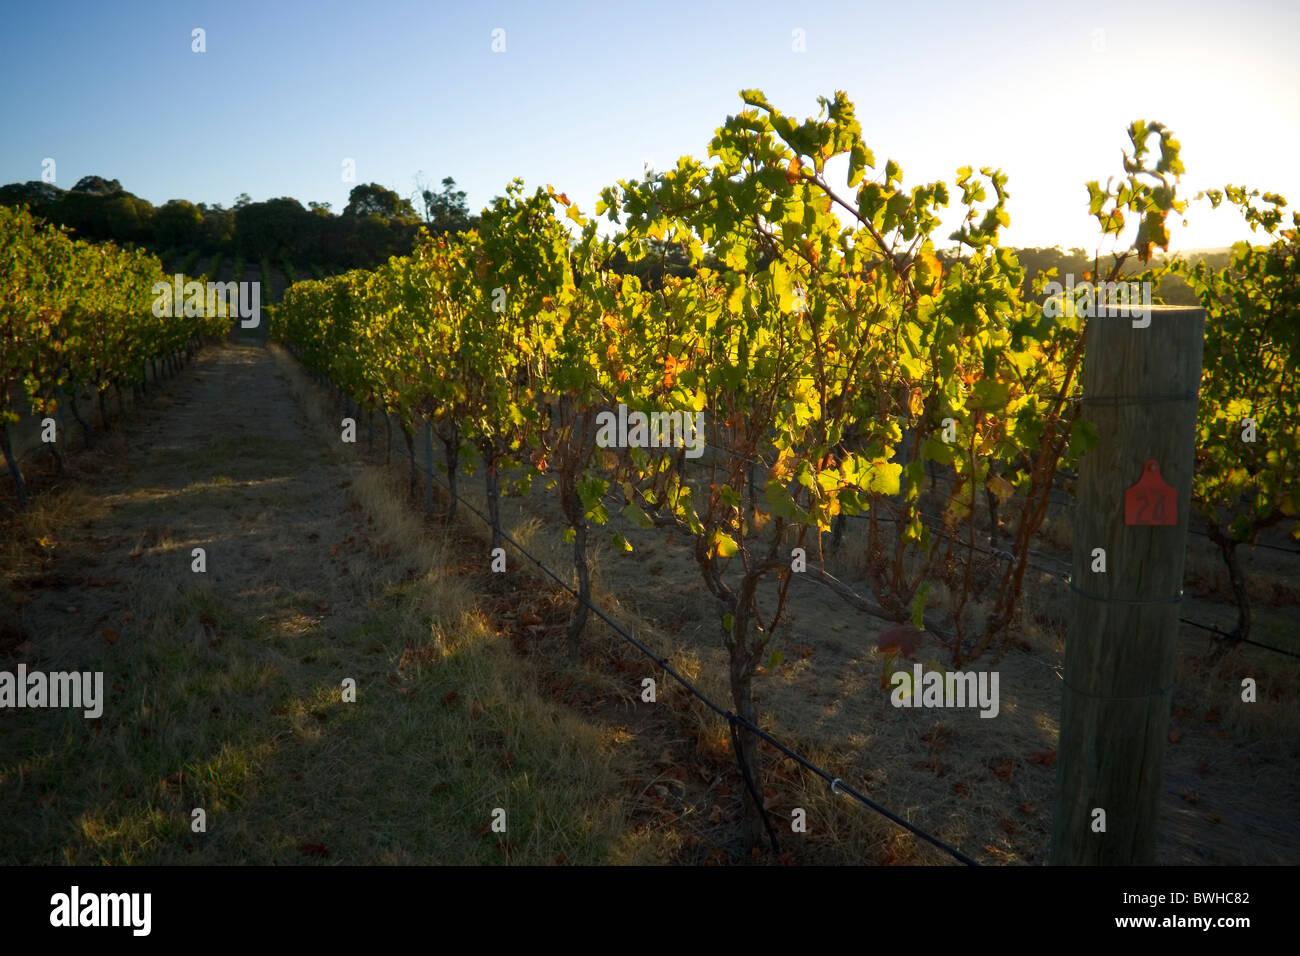 Vineyard at sunset - Stock Image